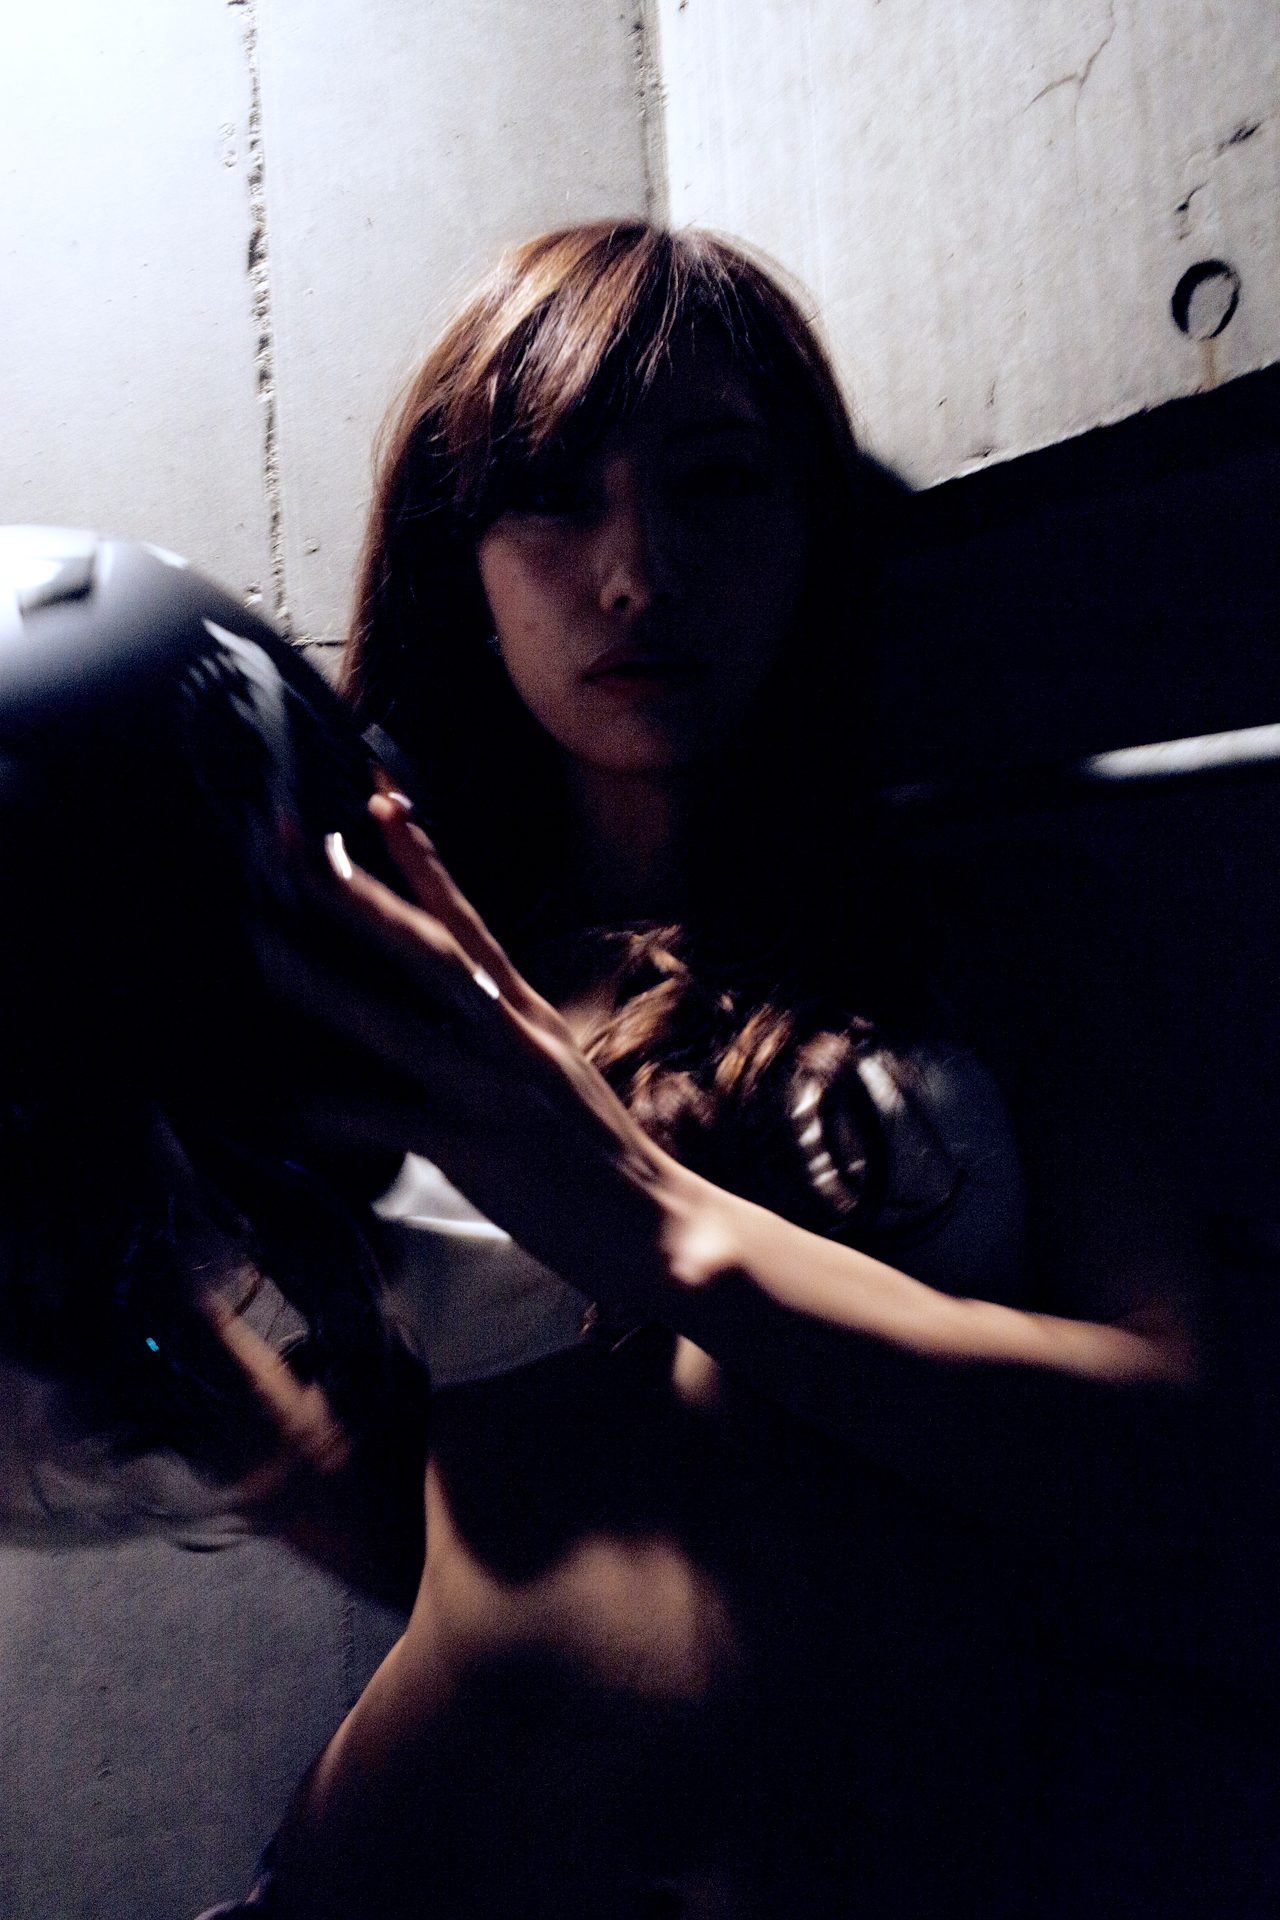 画像7: グラビア【ヘルメット女子】SEASON-XIII 014